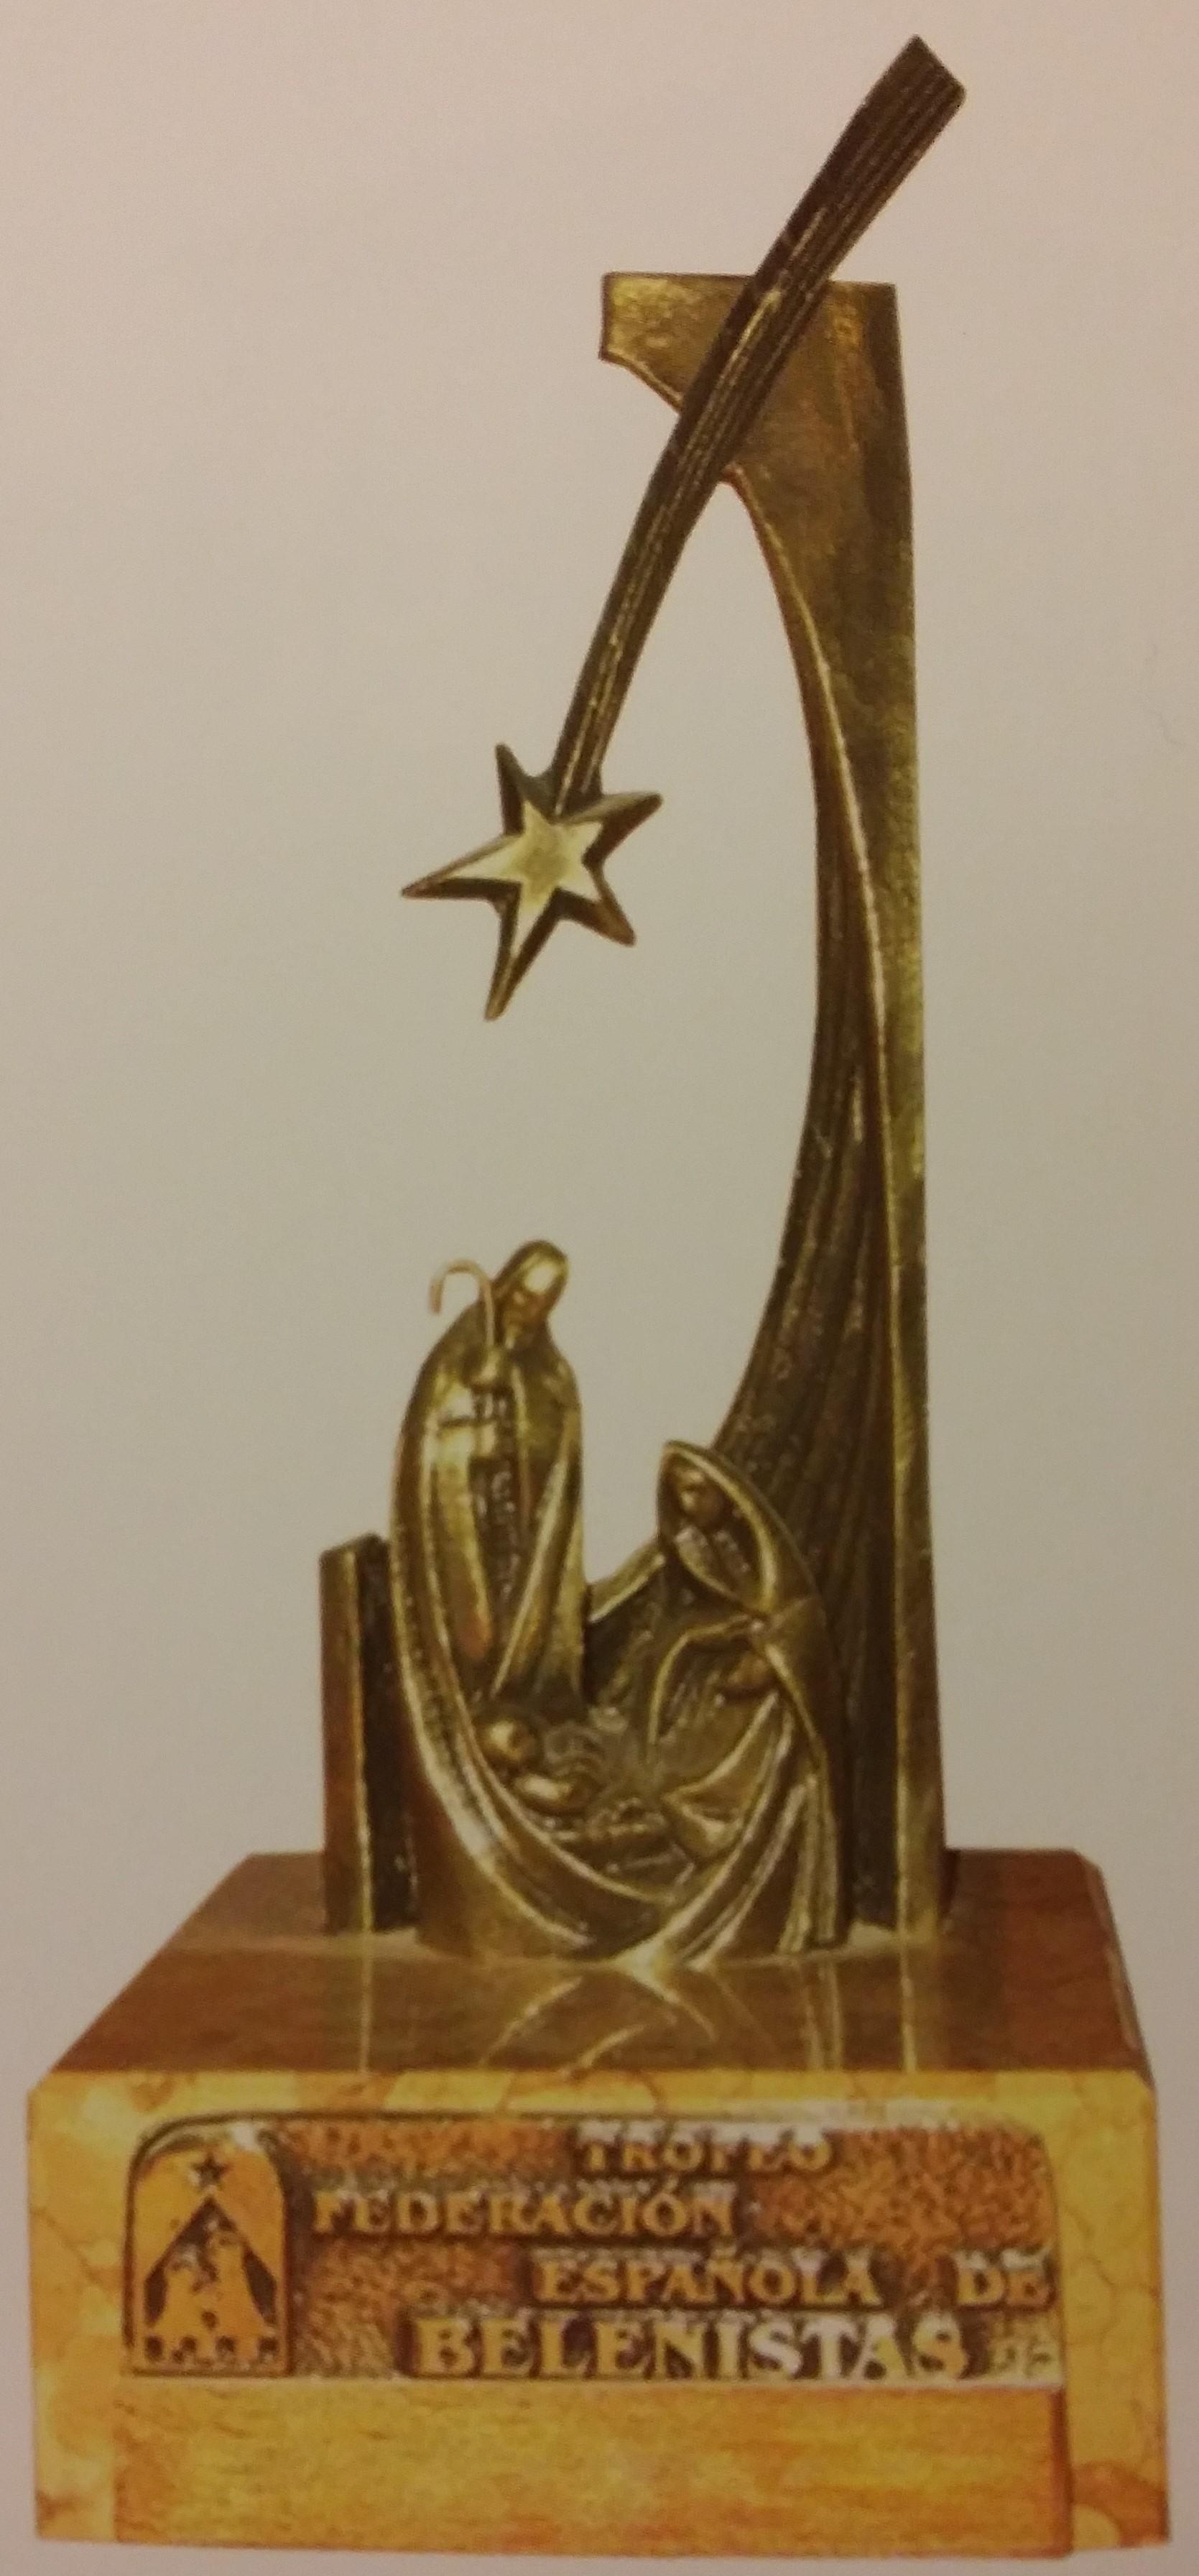 Modelo de Trofeo Federación, creado en 1975 por los Hermanos Blanco, escultores e imagineros alicantinos.